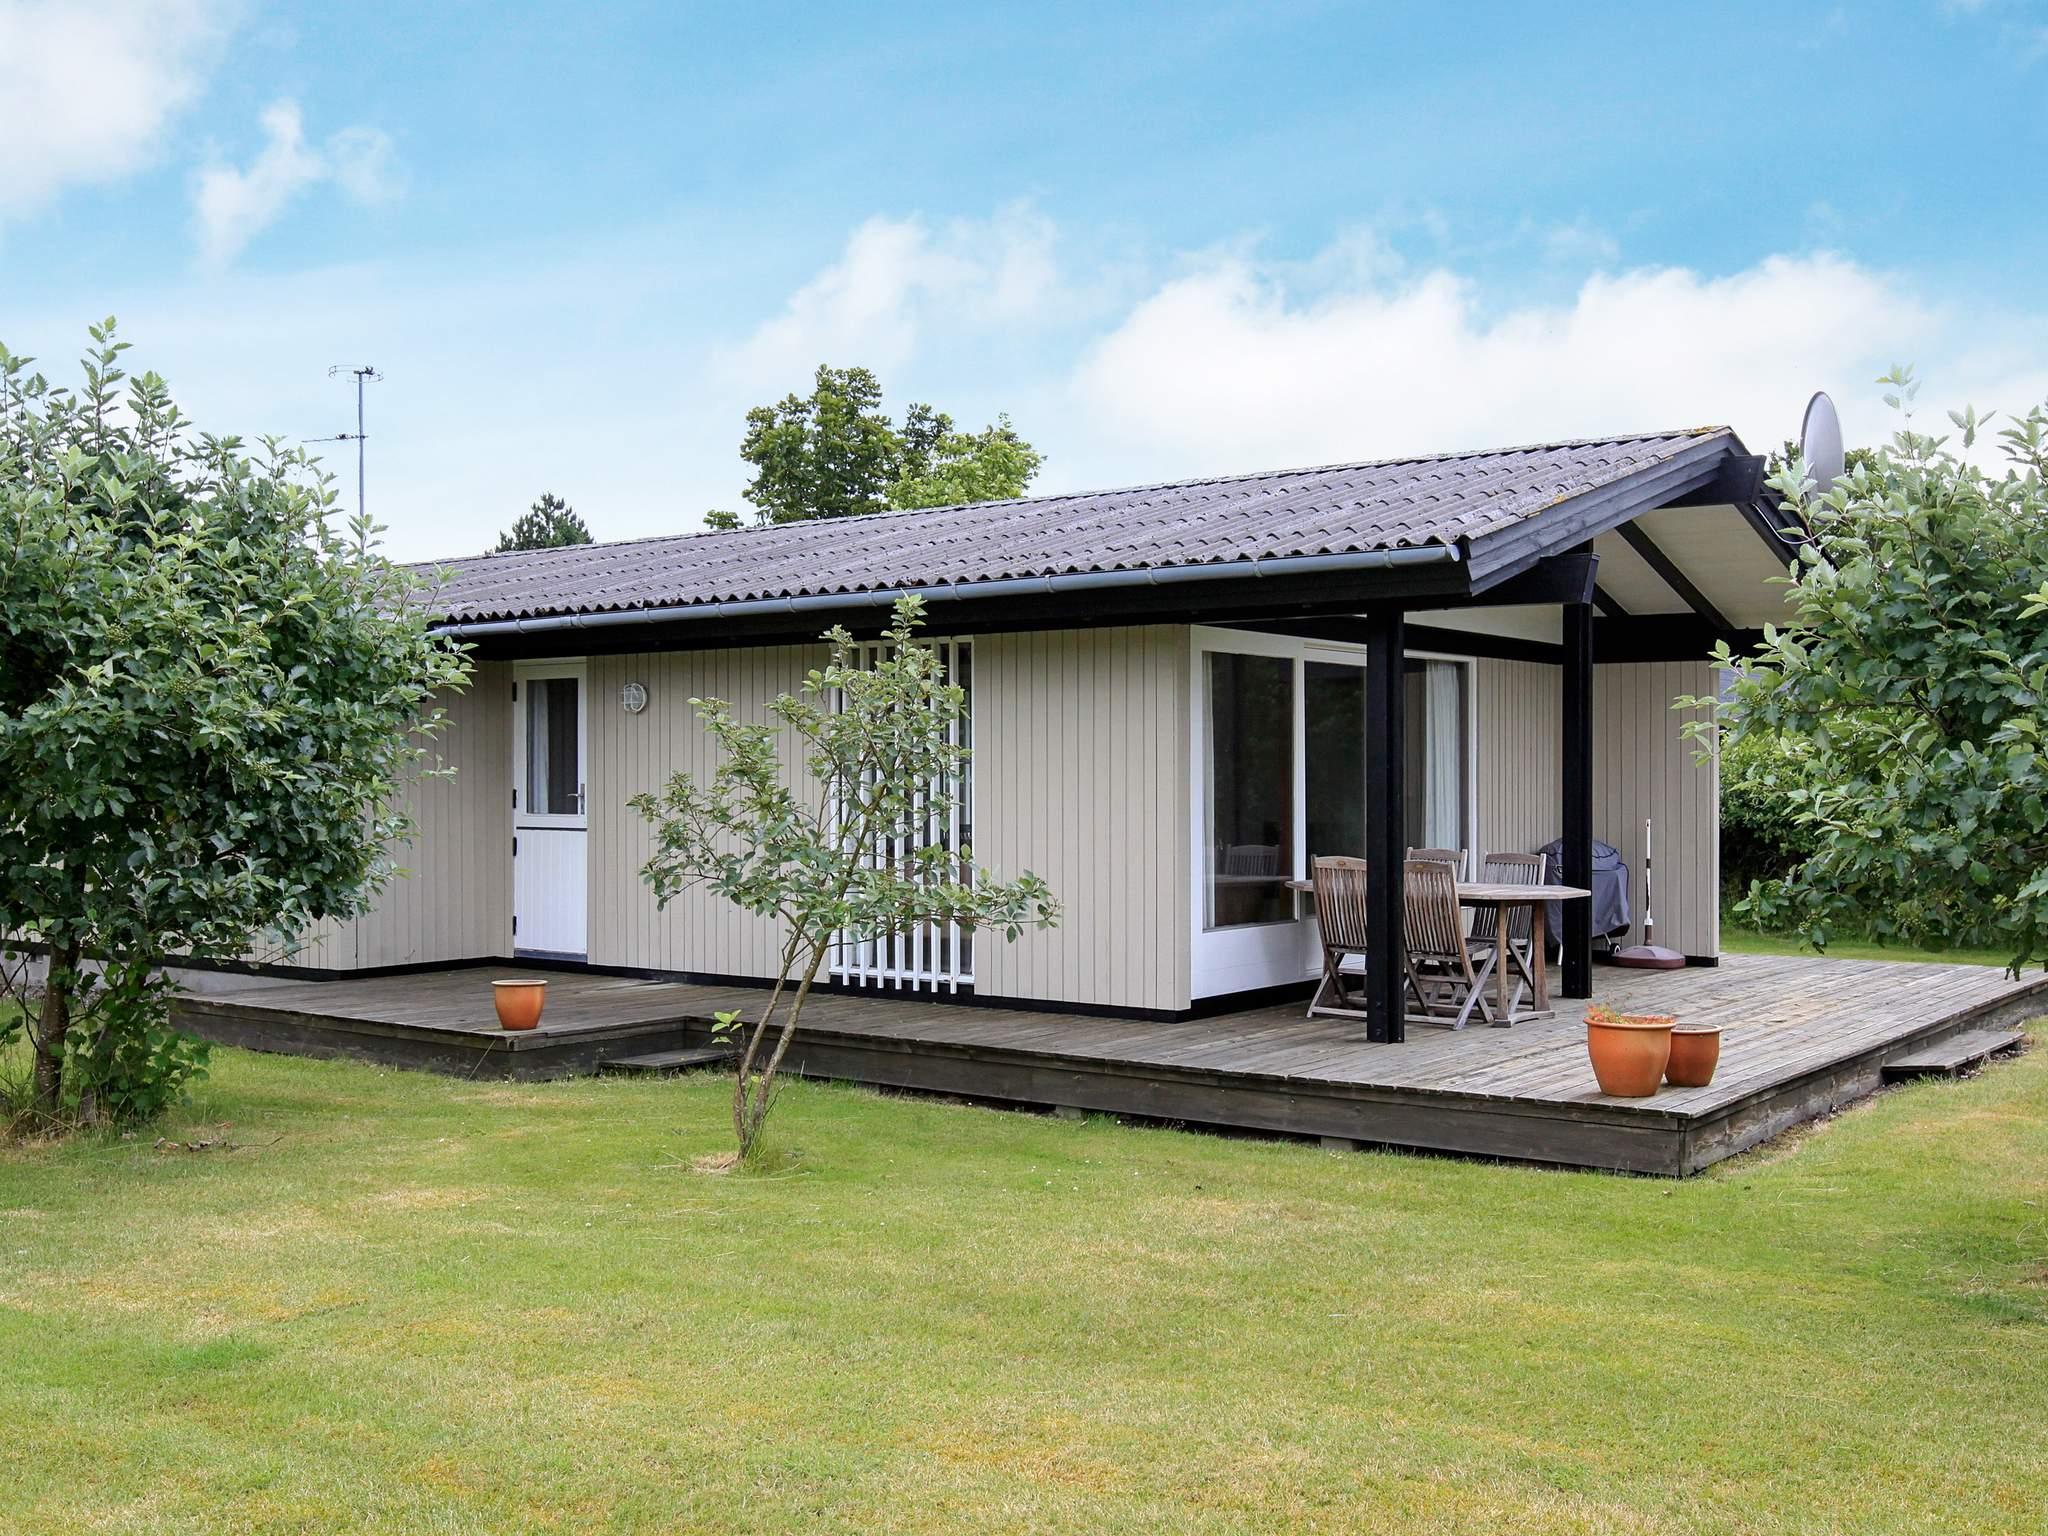 Ferienhaus Hummingen (82100), Hummingen, , Lolland, Dänemark, Bild 8